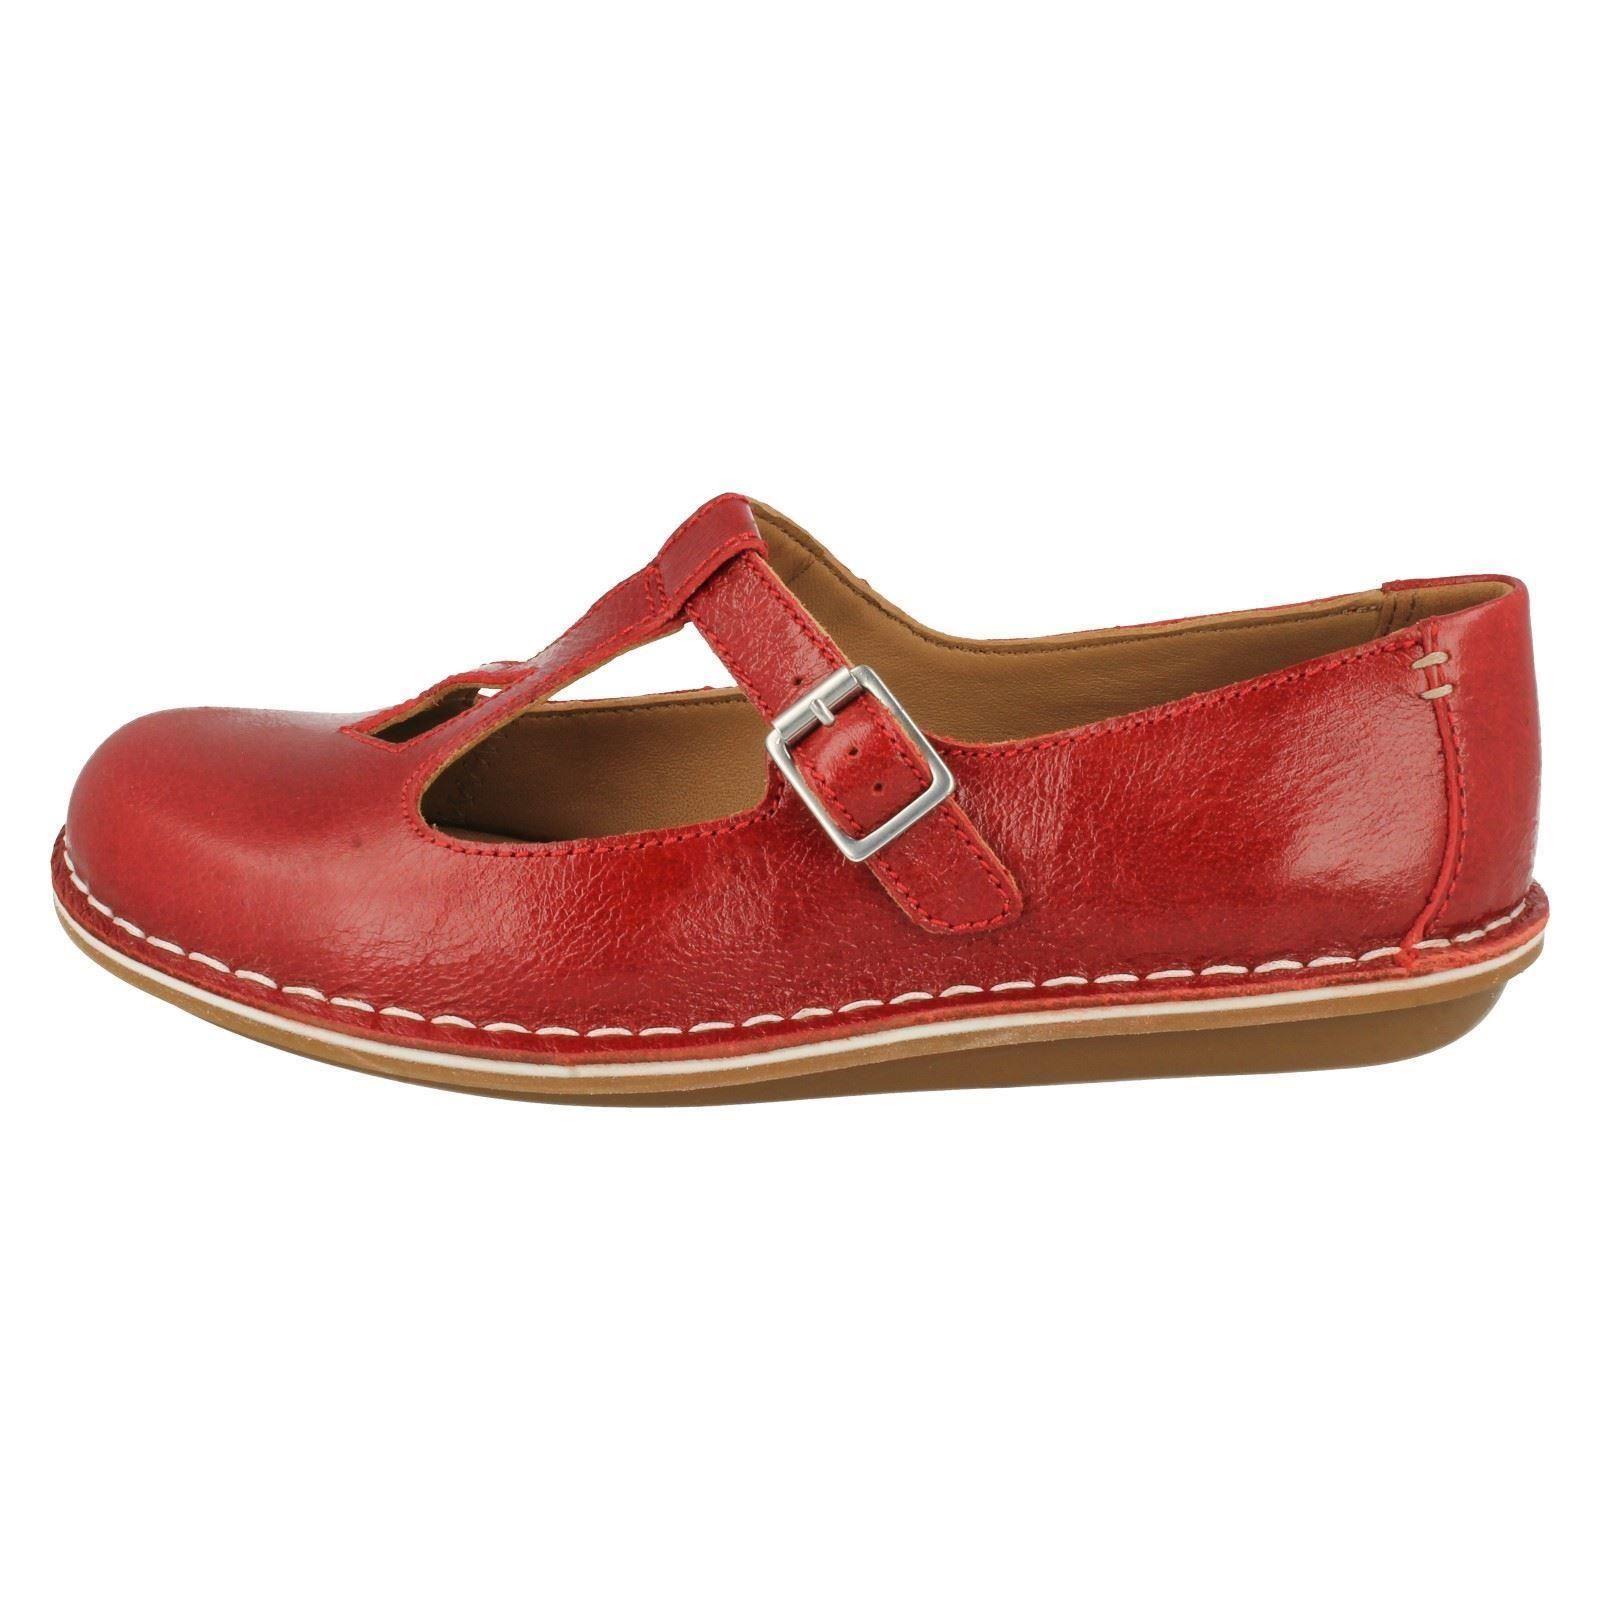 Ladies-Clarks-T-Bar-Flat-Shoes-Tustin-Talent